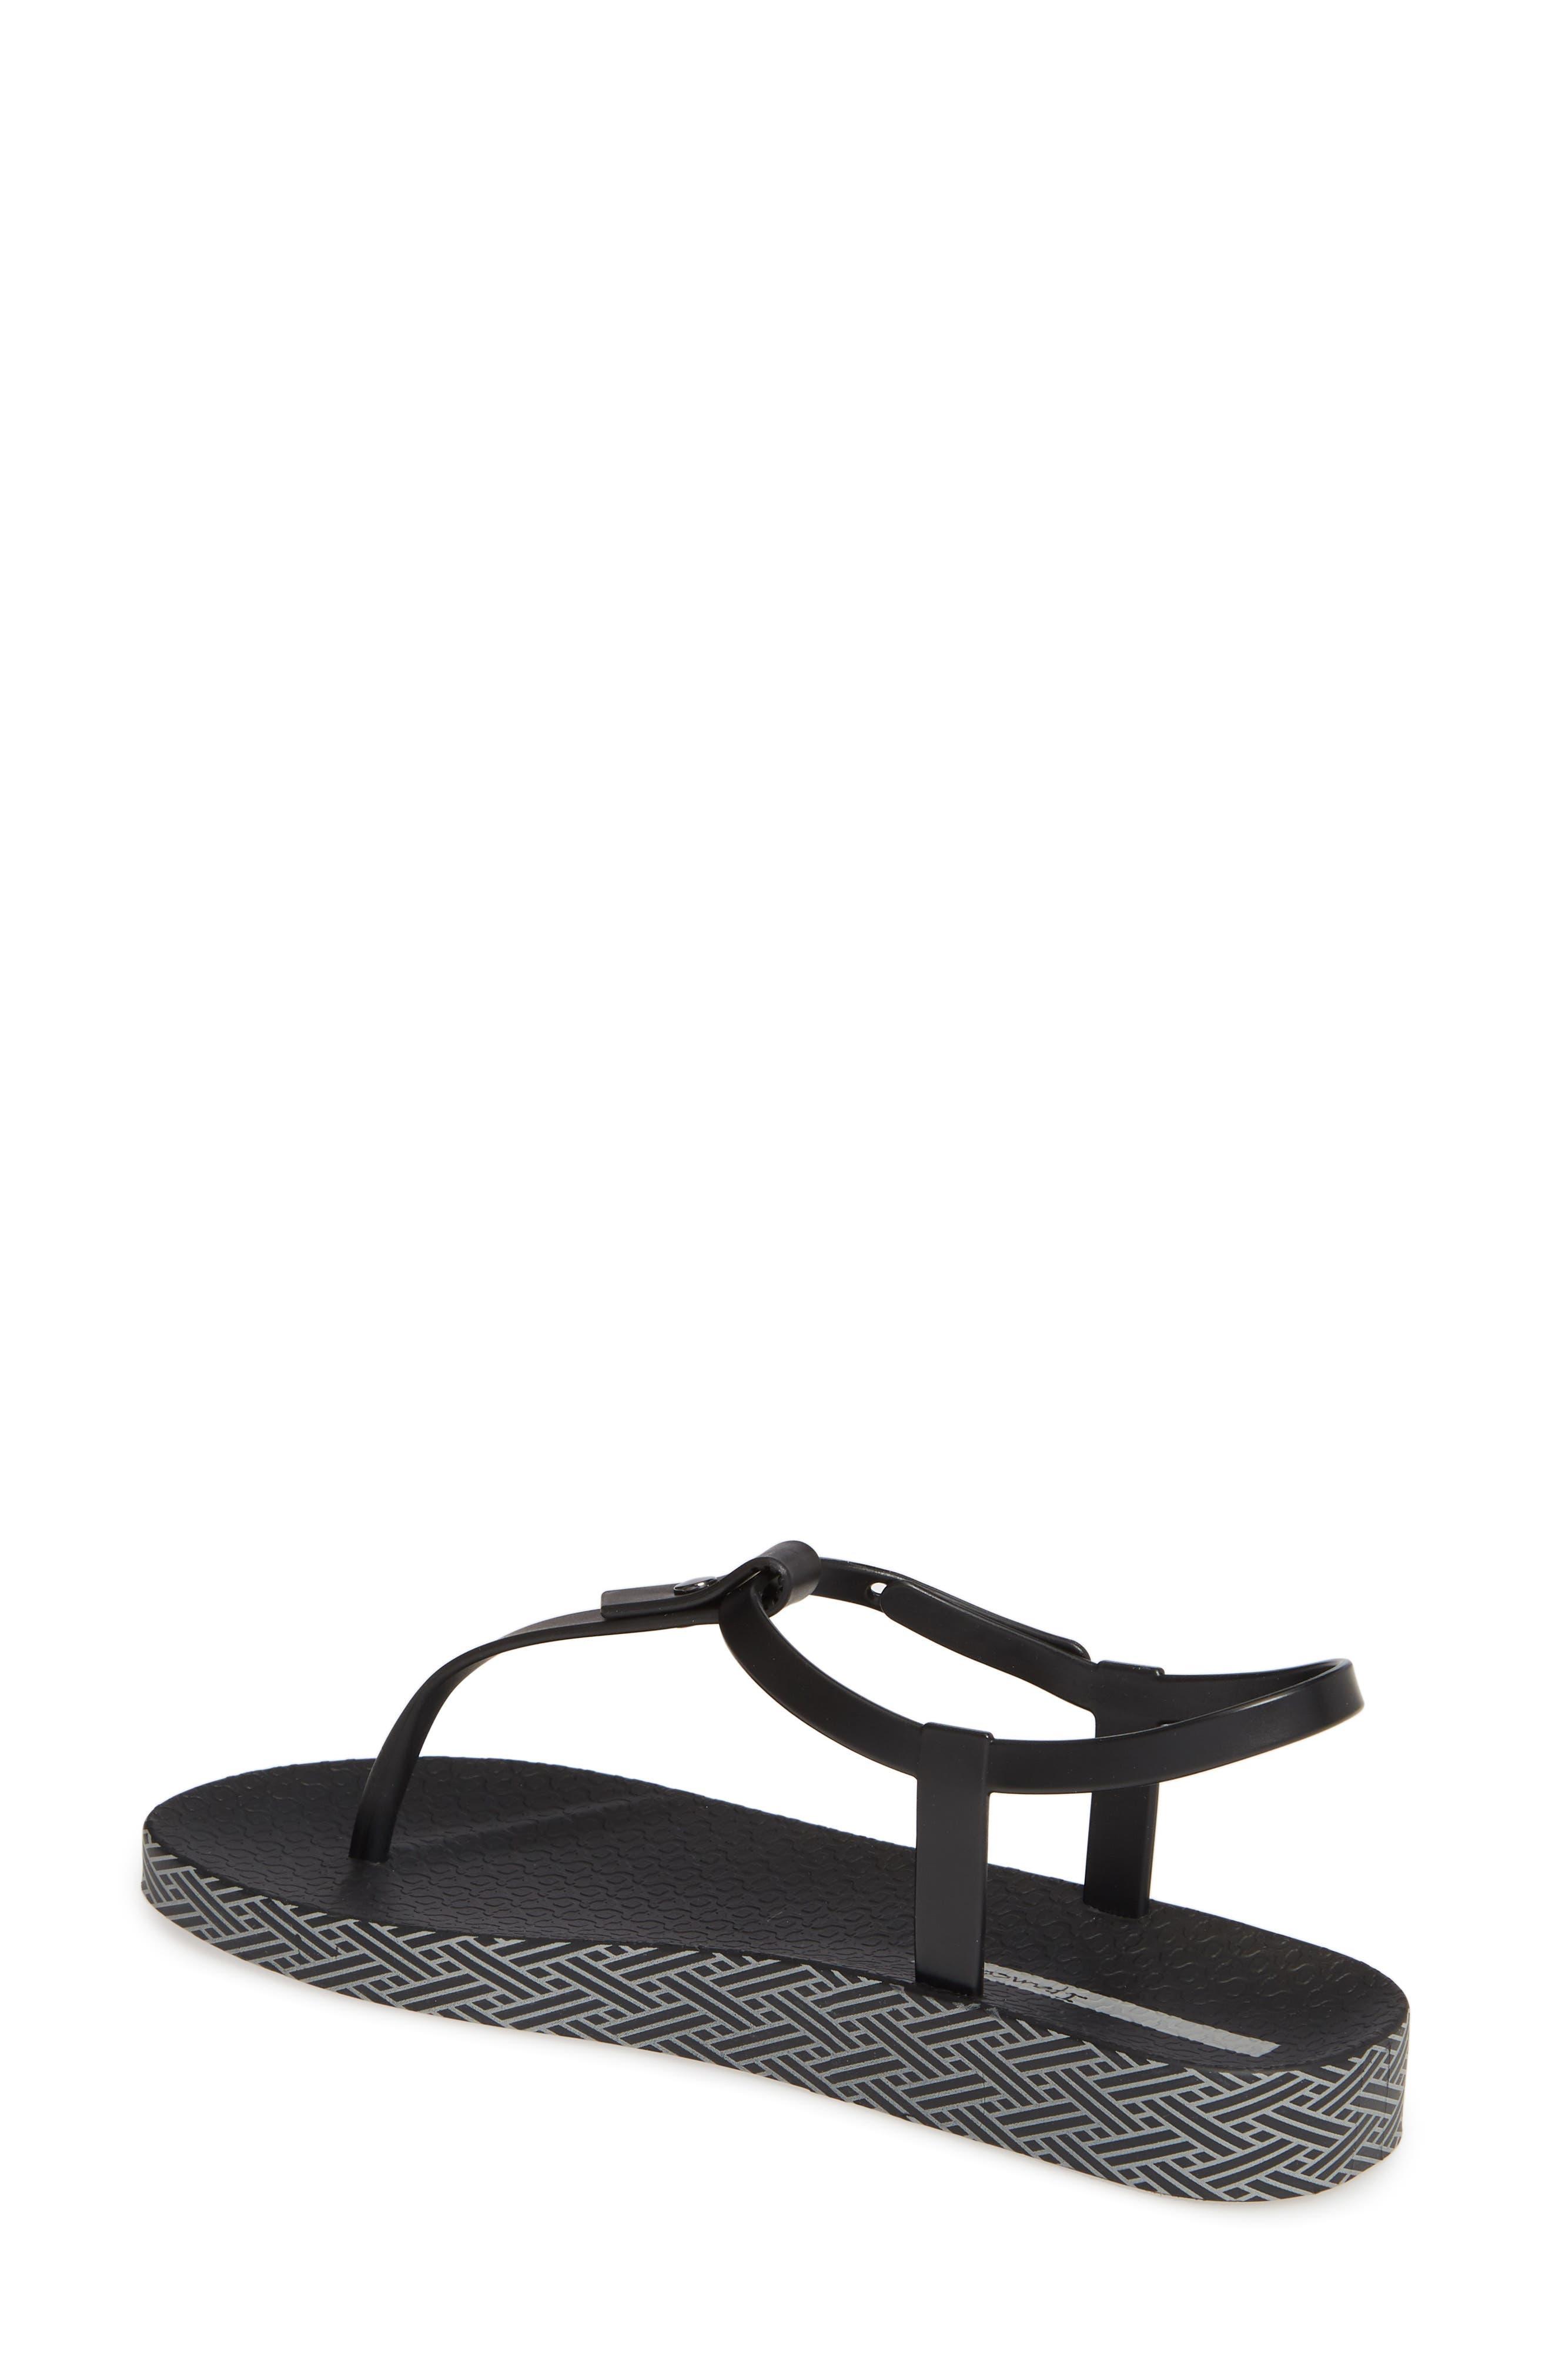 IPANEMA, Plush Weave T-Strap Sandal, Alternate thumbnail 2, color, BLACK